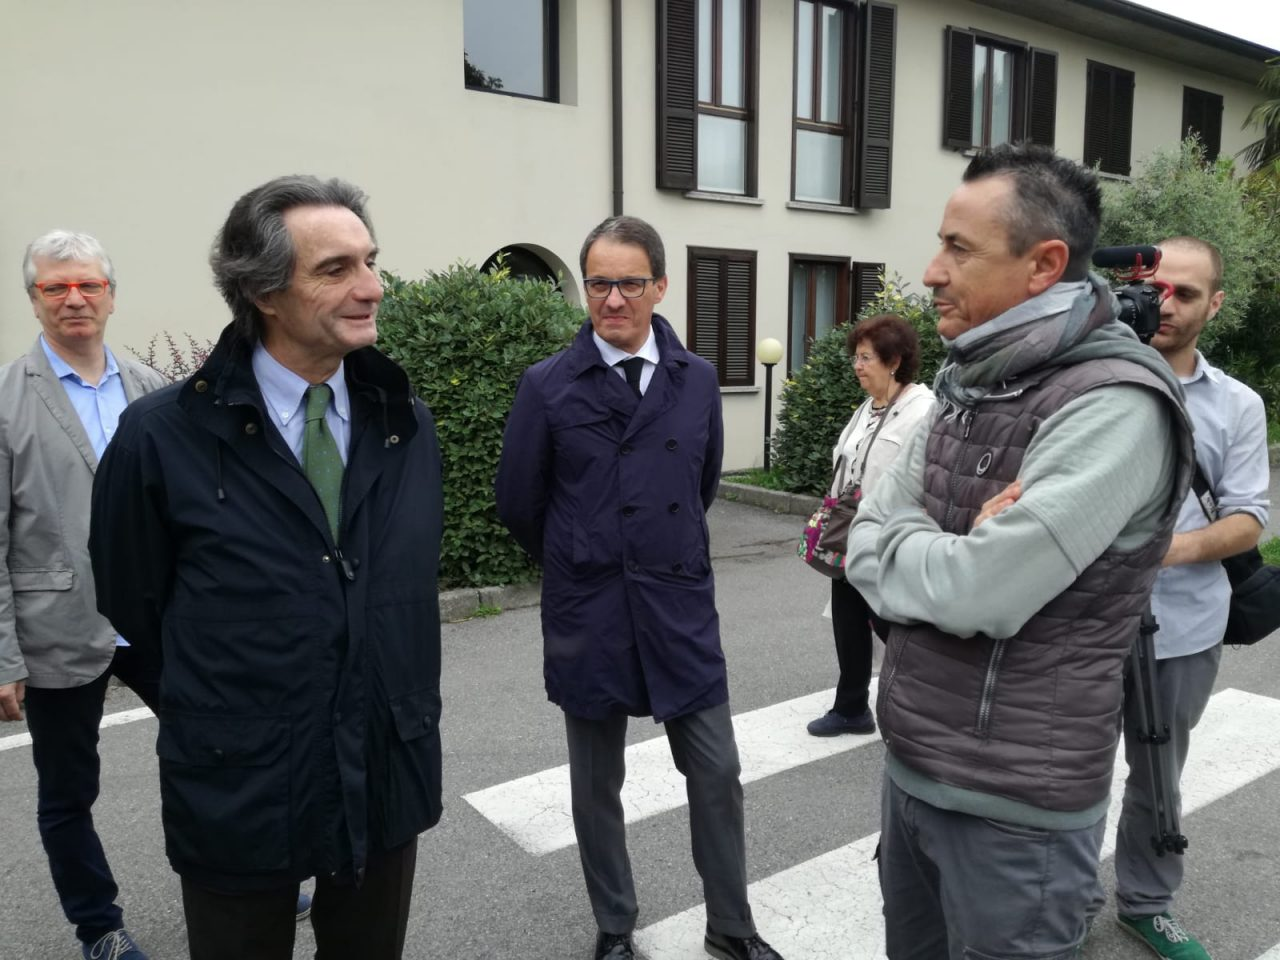 Il governatore della Lombardia Attilio Fontana arrivato a Merate